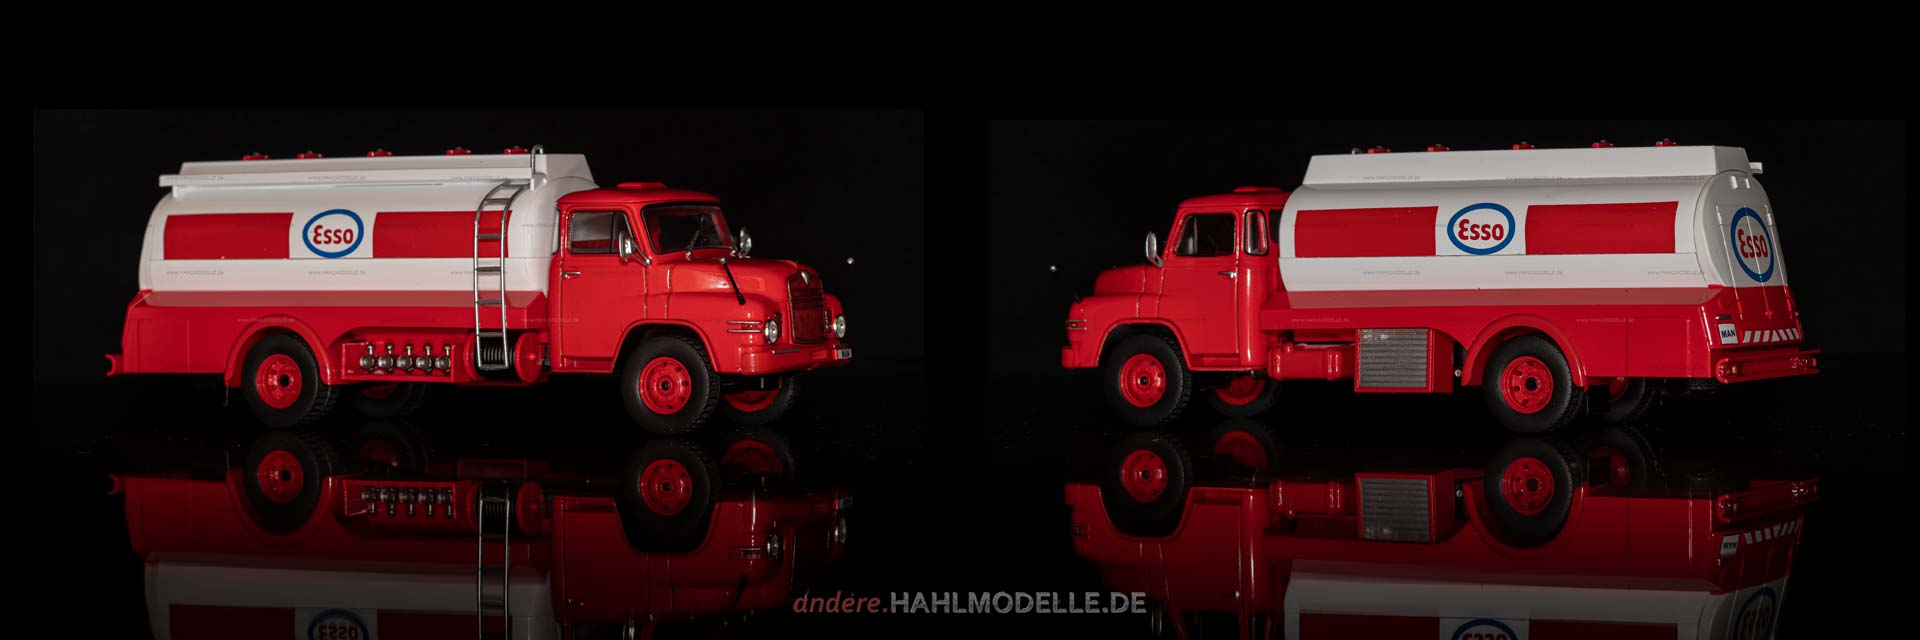 MAN 626 II | LKW Tankwagen | Ixo | 1:43 | www.andere.hahlmodelle.de